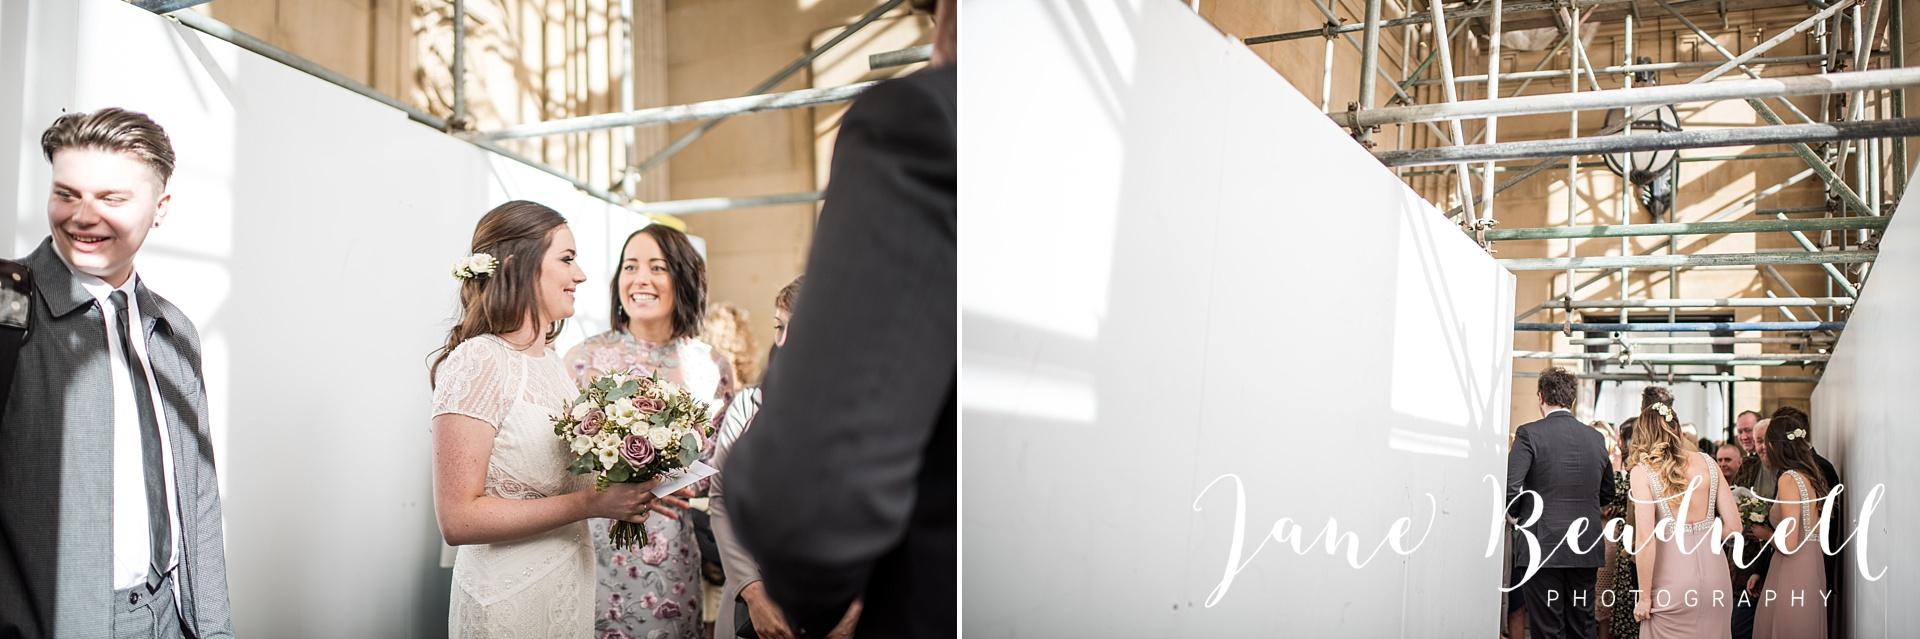 Wedding photography Cross Keys Leeds Wedding Jane Beadnell Photography_0040